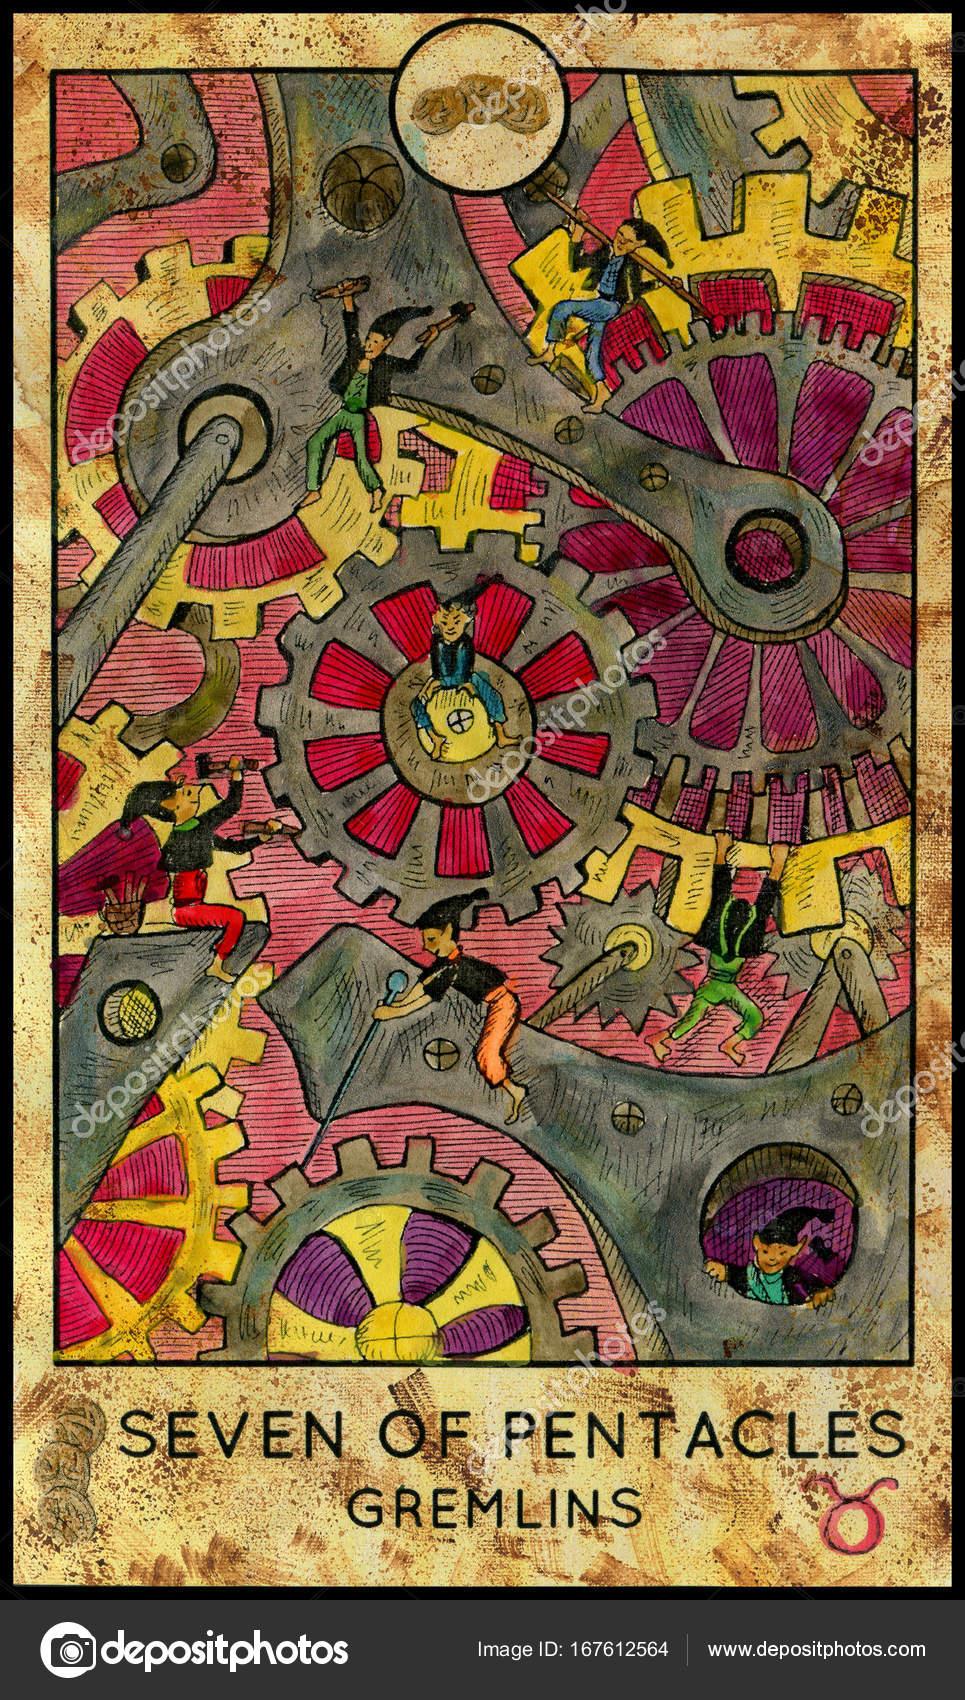 Gremlins  Minor Arcana Tarot Card  Seven of Pentacles — Stock Photo